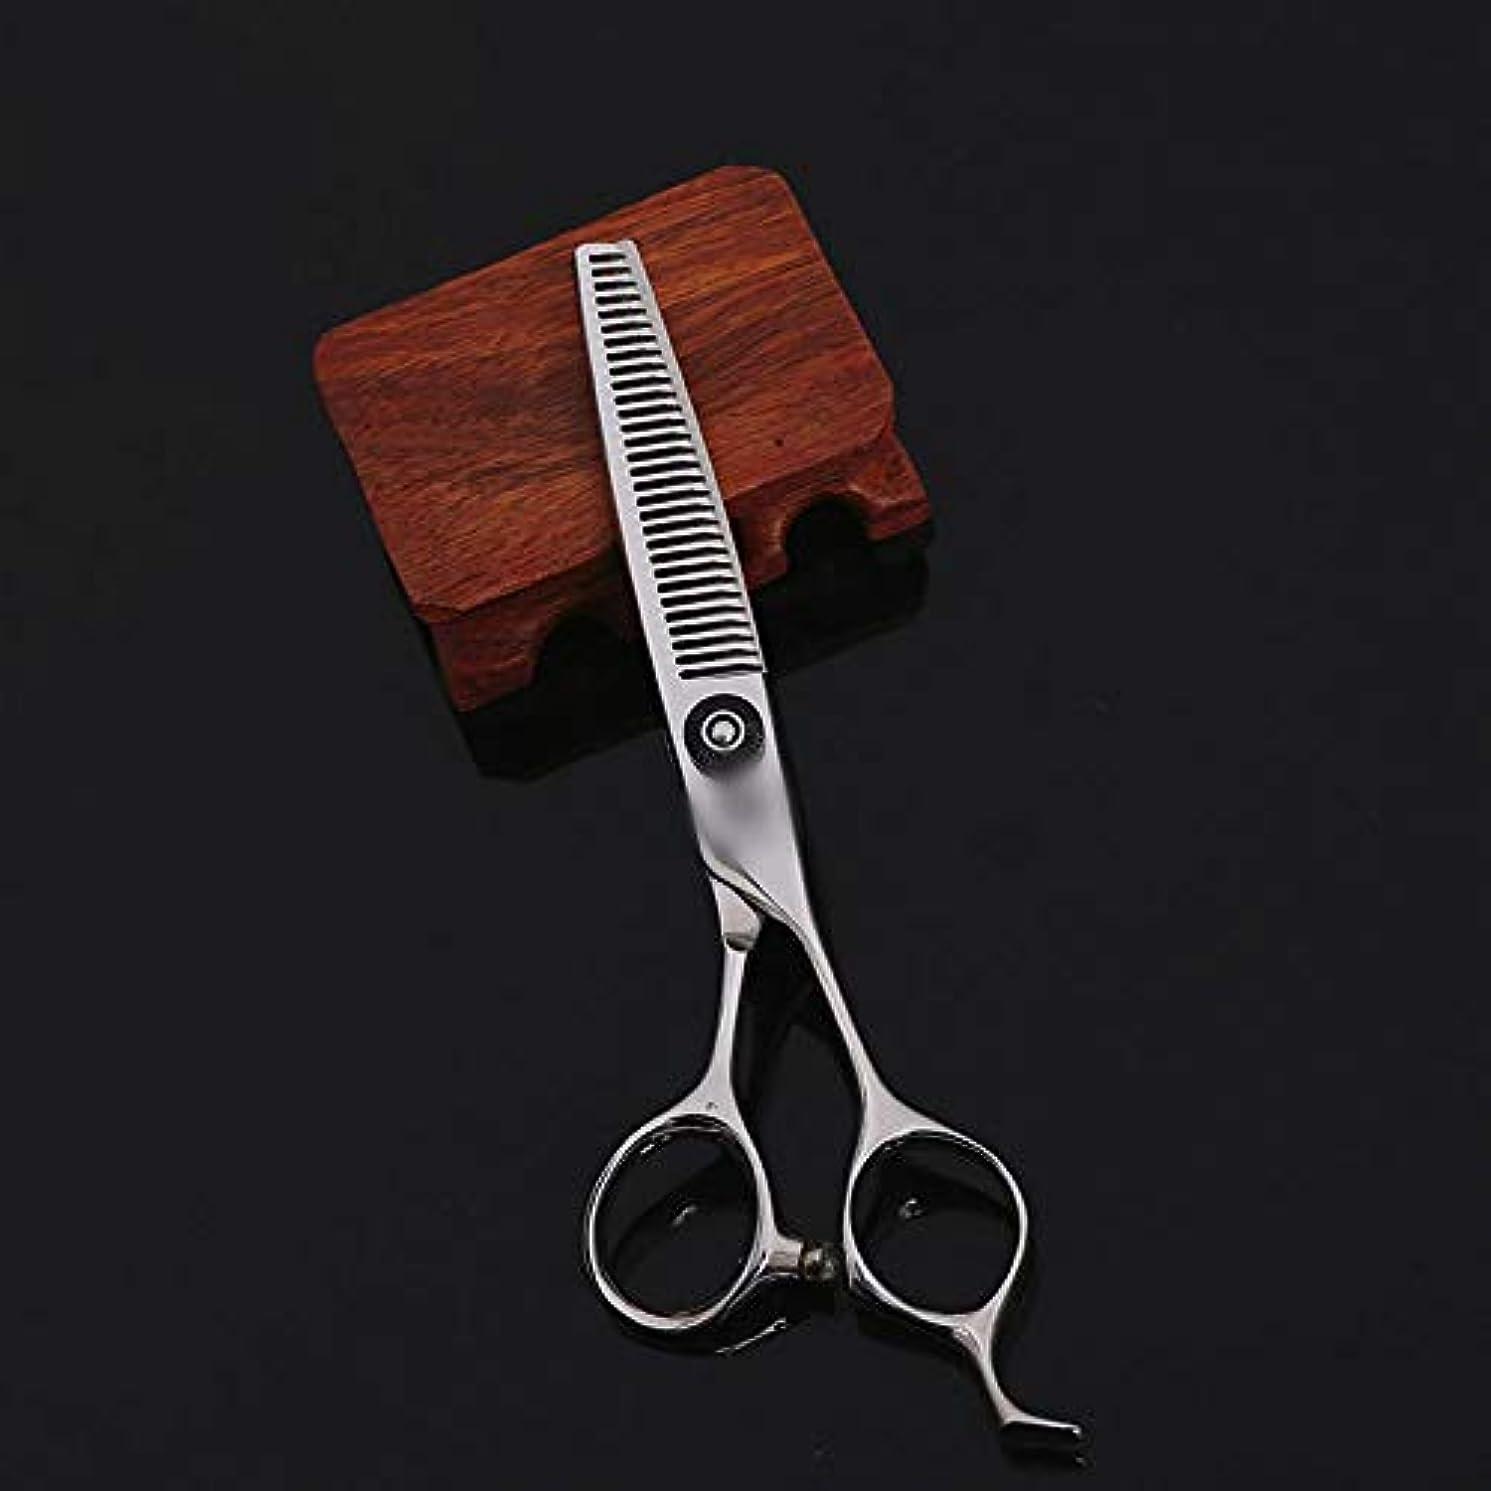 バランス古風な成功する6インチフラットカット理髪師特別ハイエンドプロフェッショナルステンレス鋼理髪ハイエンドはさみ モデリングツール (色 : Silver)